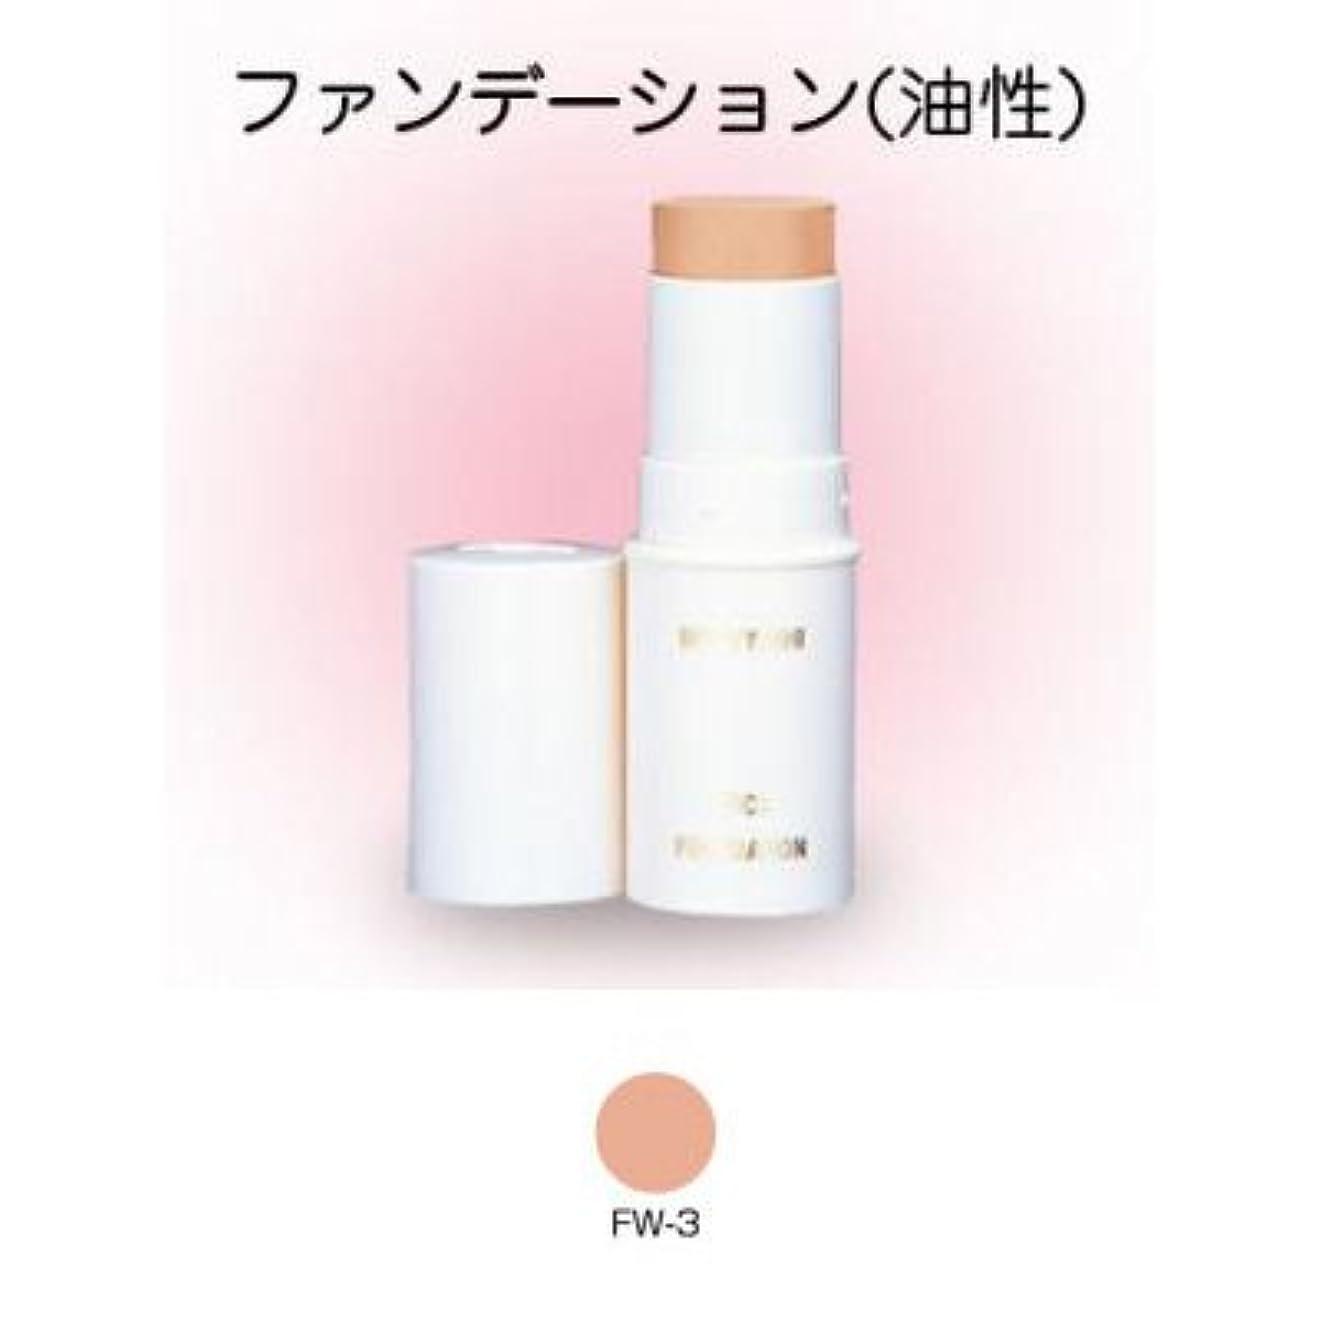 鉛疑い者胸三善 スティックファンデーション ナチュラルメーク 自然な舞台化粧 カラー:FW-3 (C)